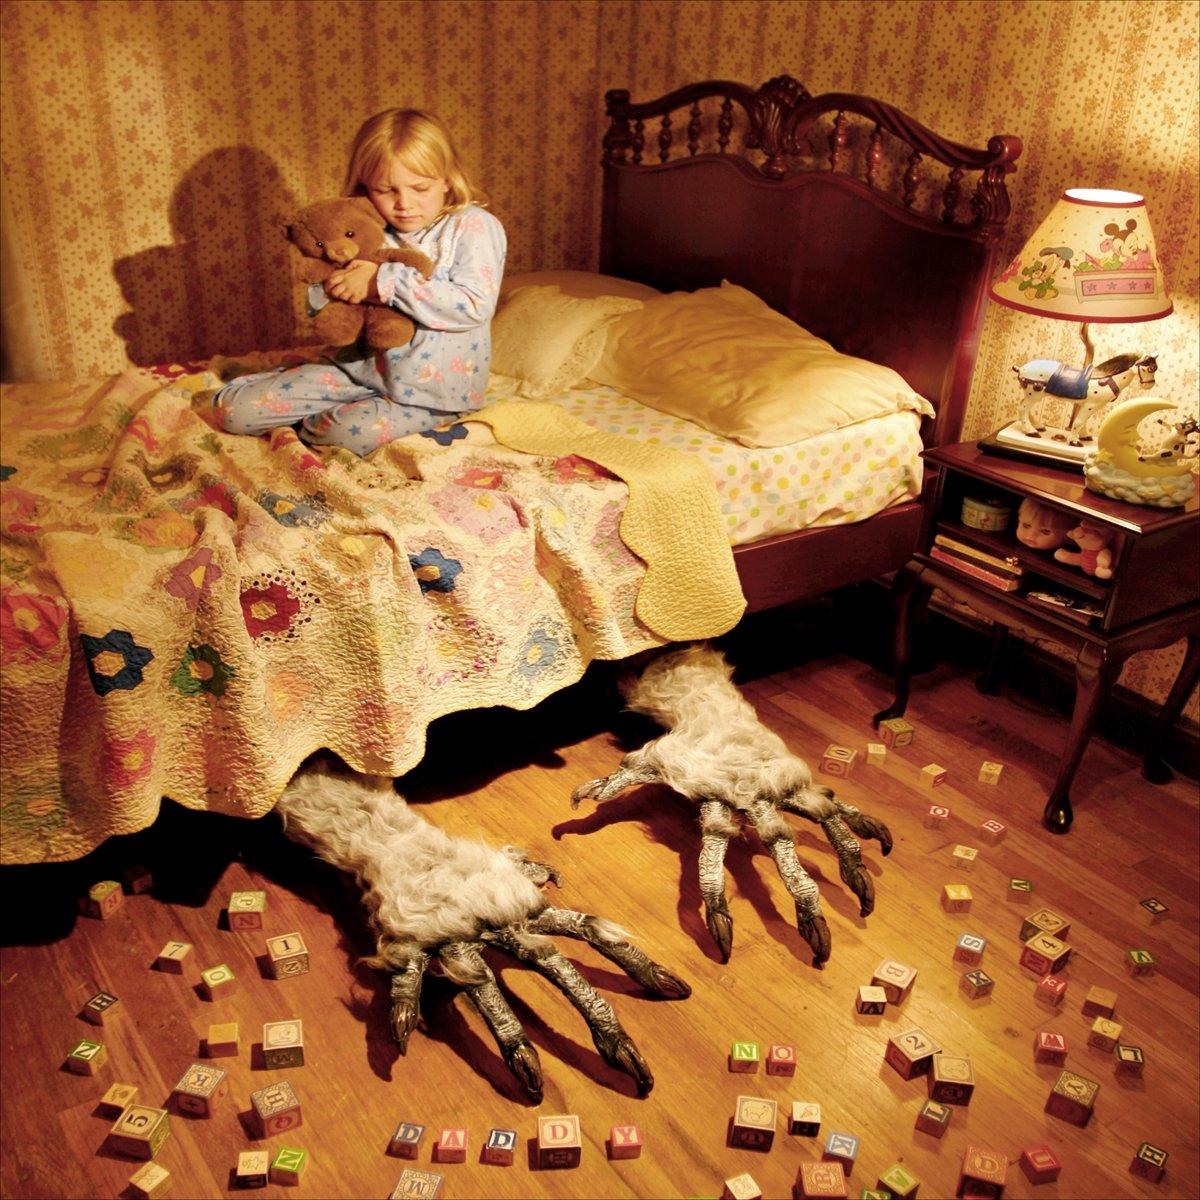 Сын спрятился под кровать мамы 7 фотография